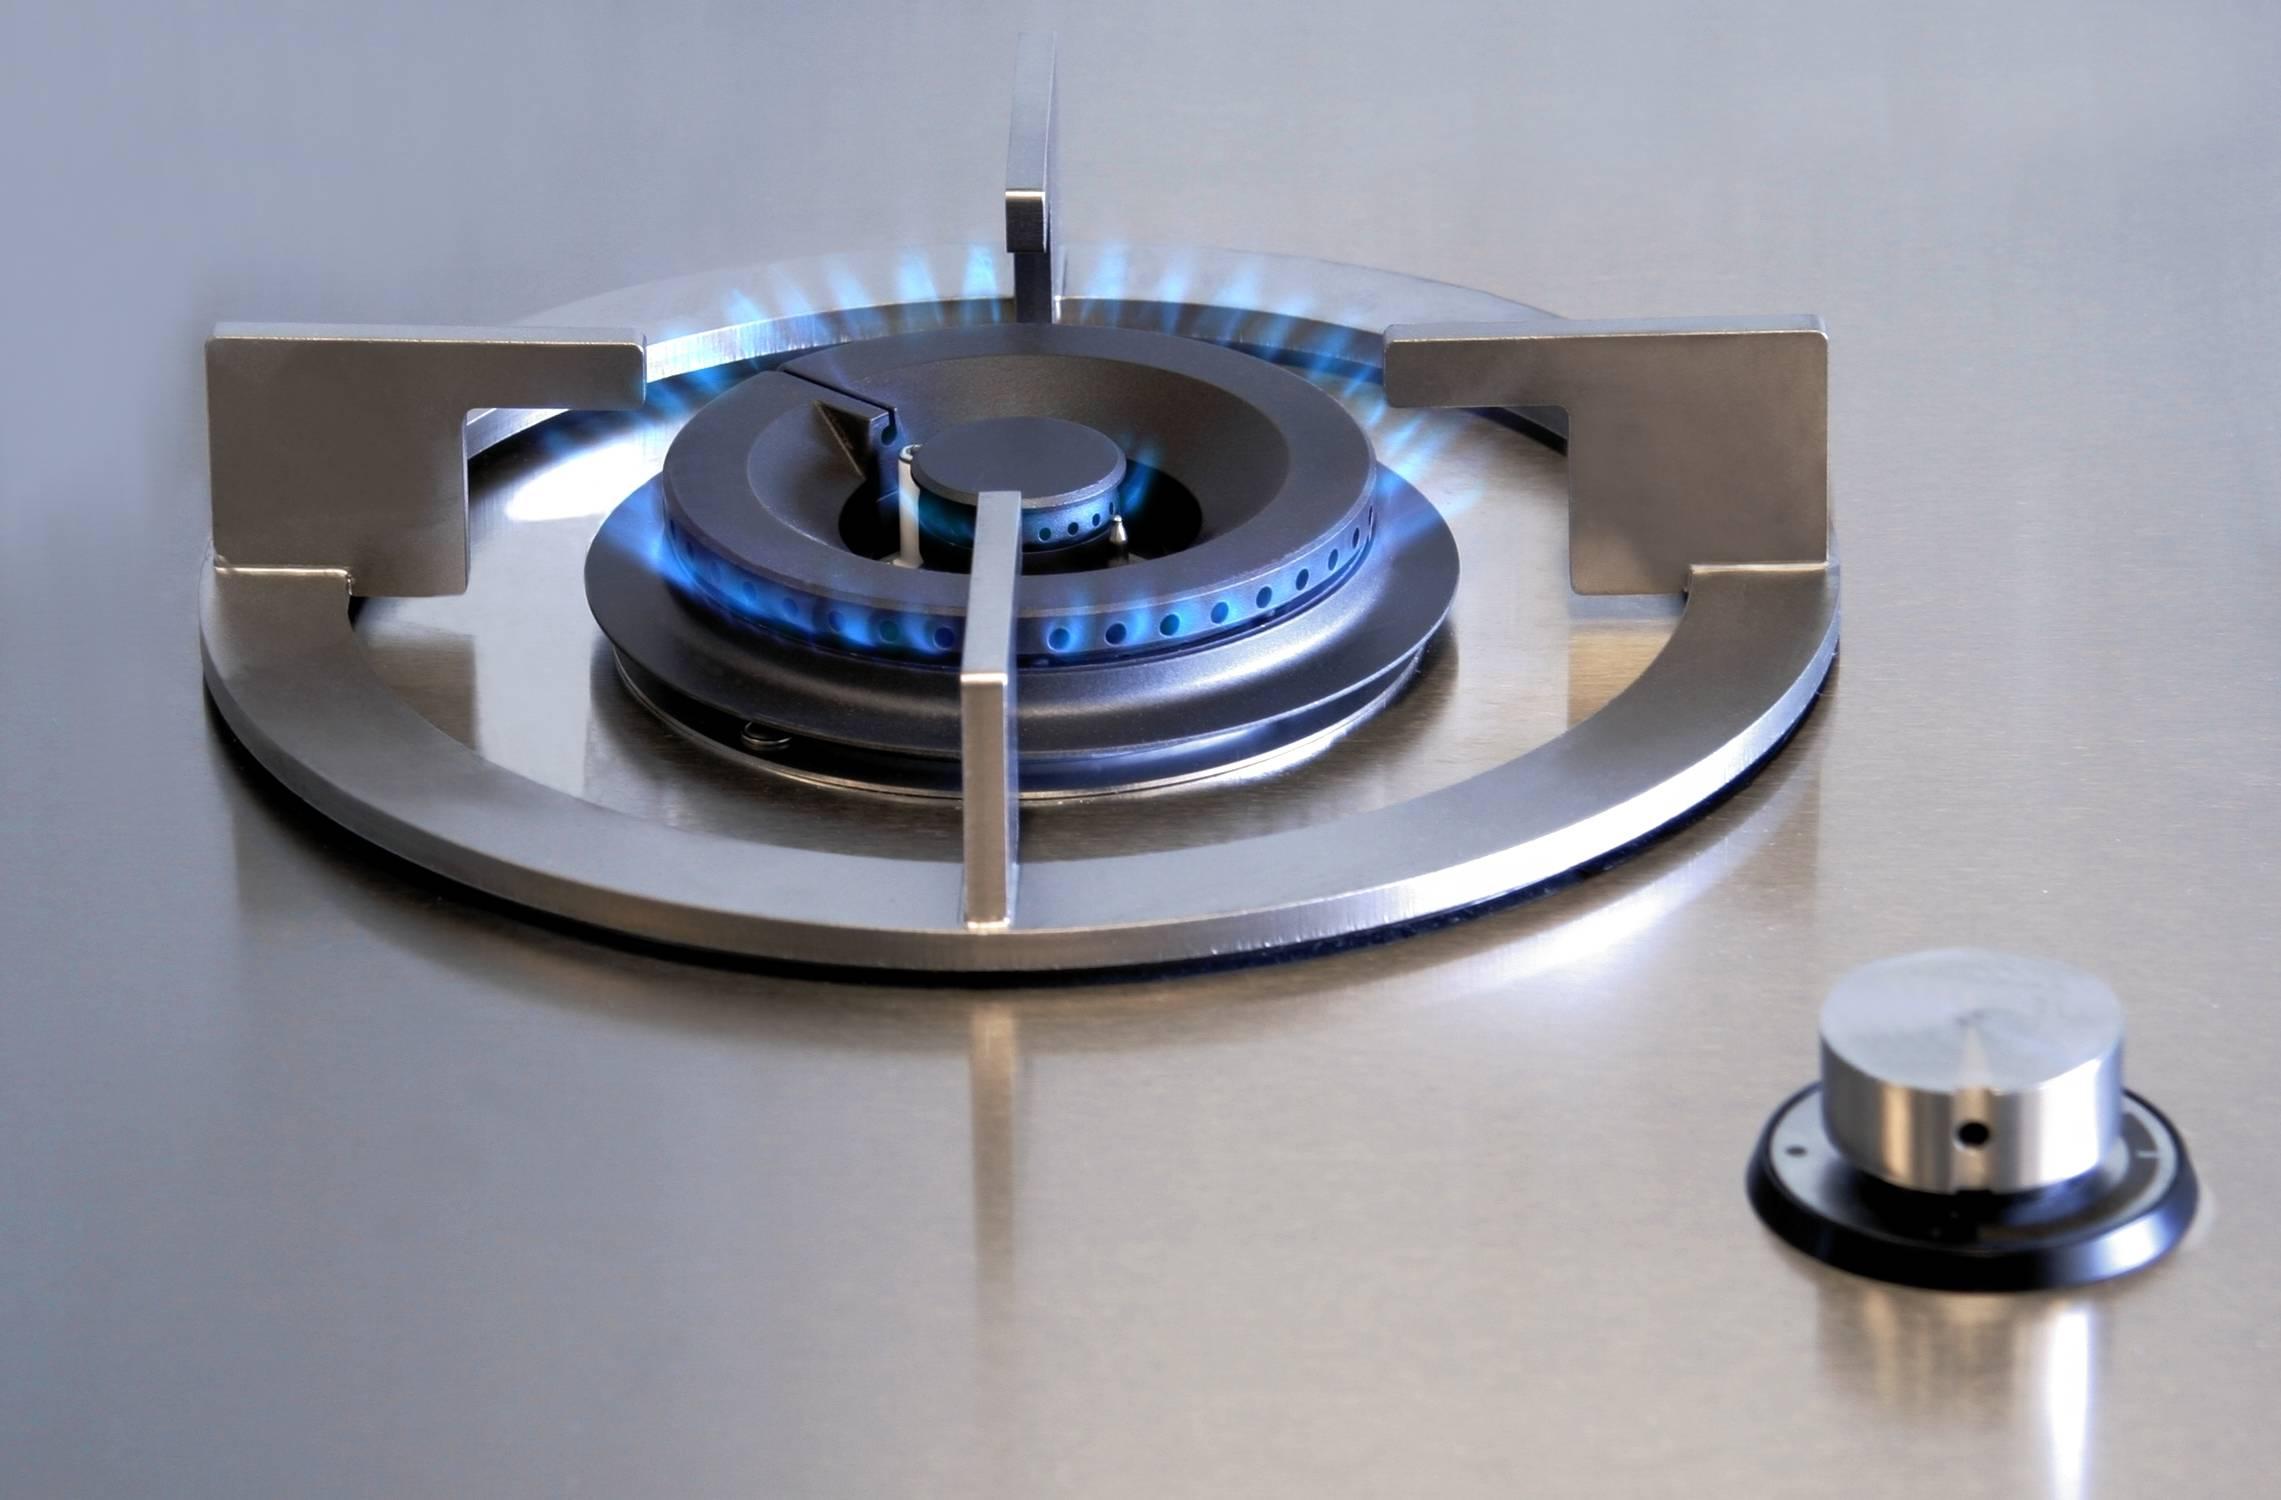 vittoria5sterne i cooking kochsystem. Black Bedroom Furniture Sets. Home Design Ideas